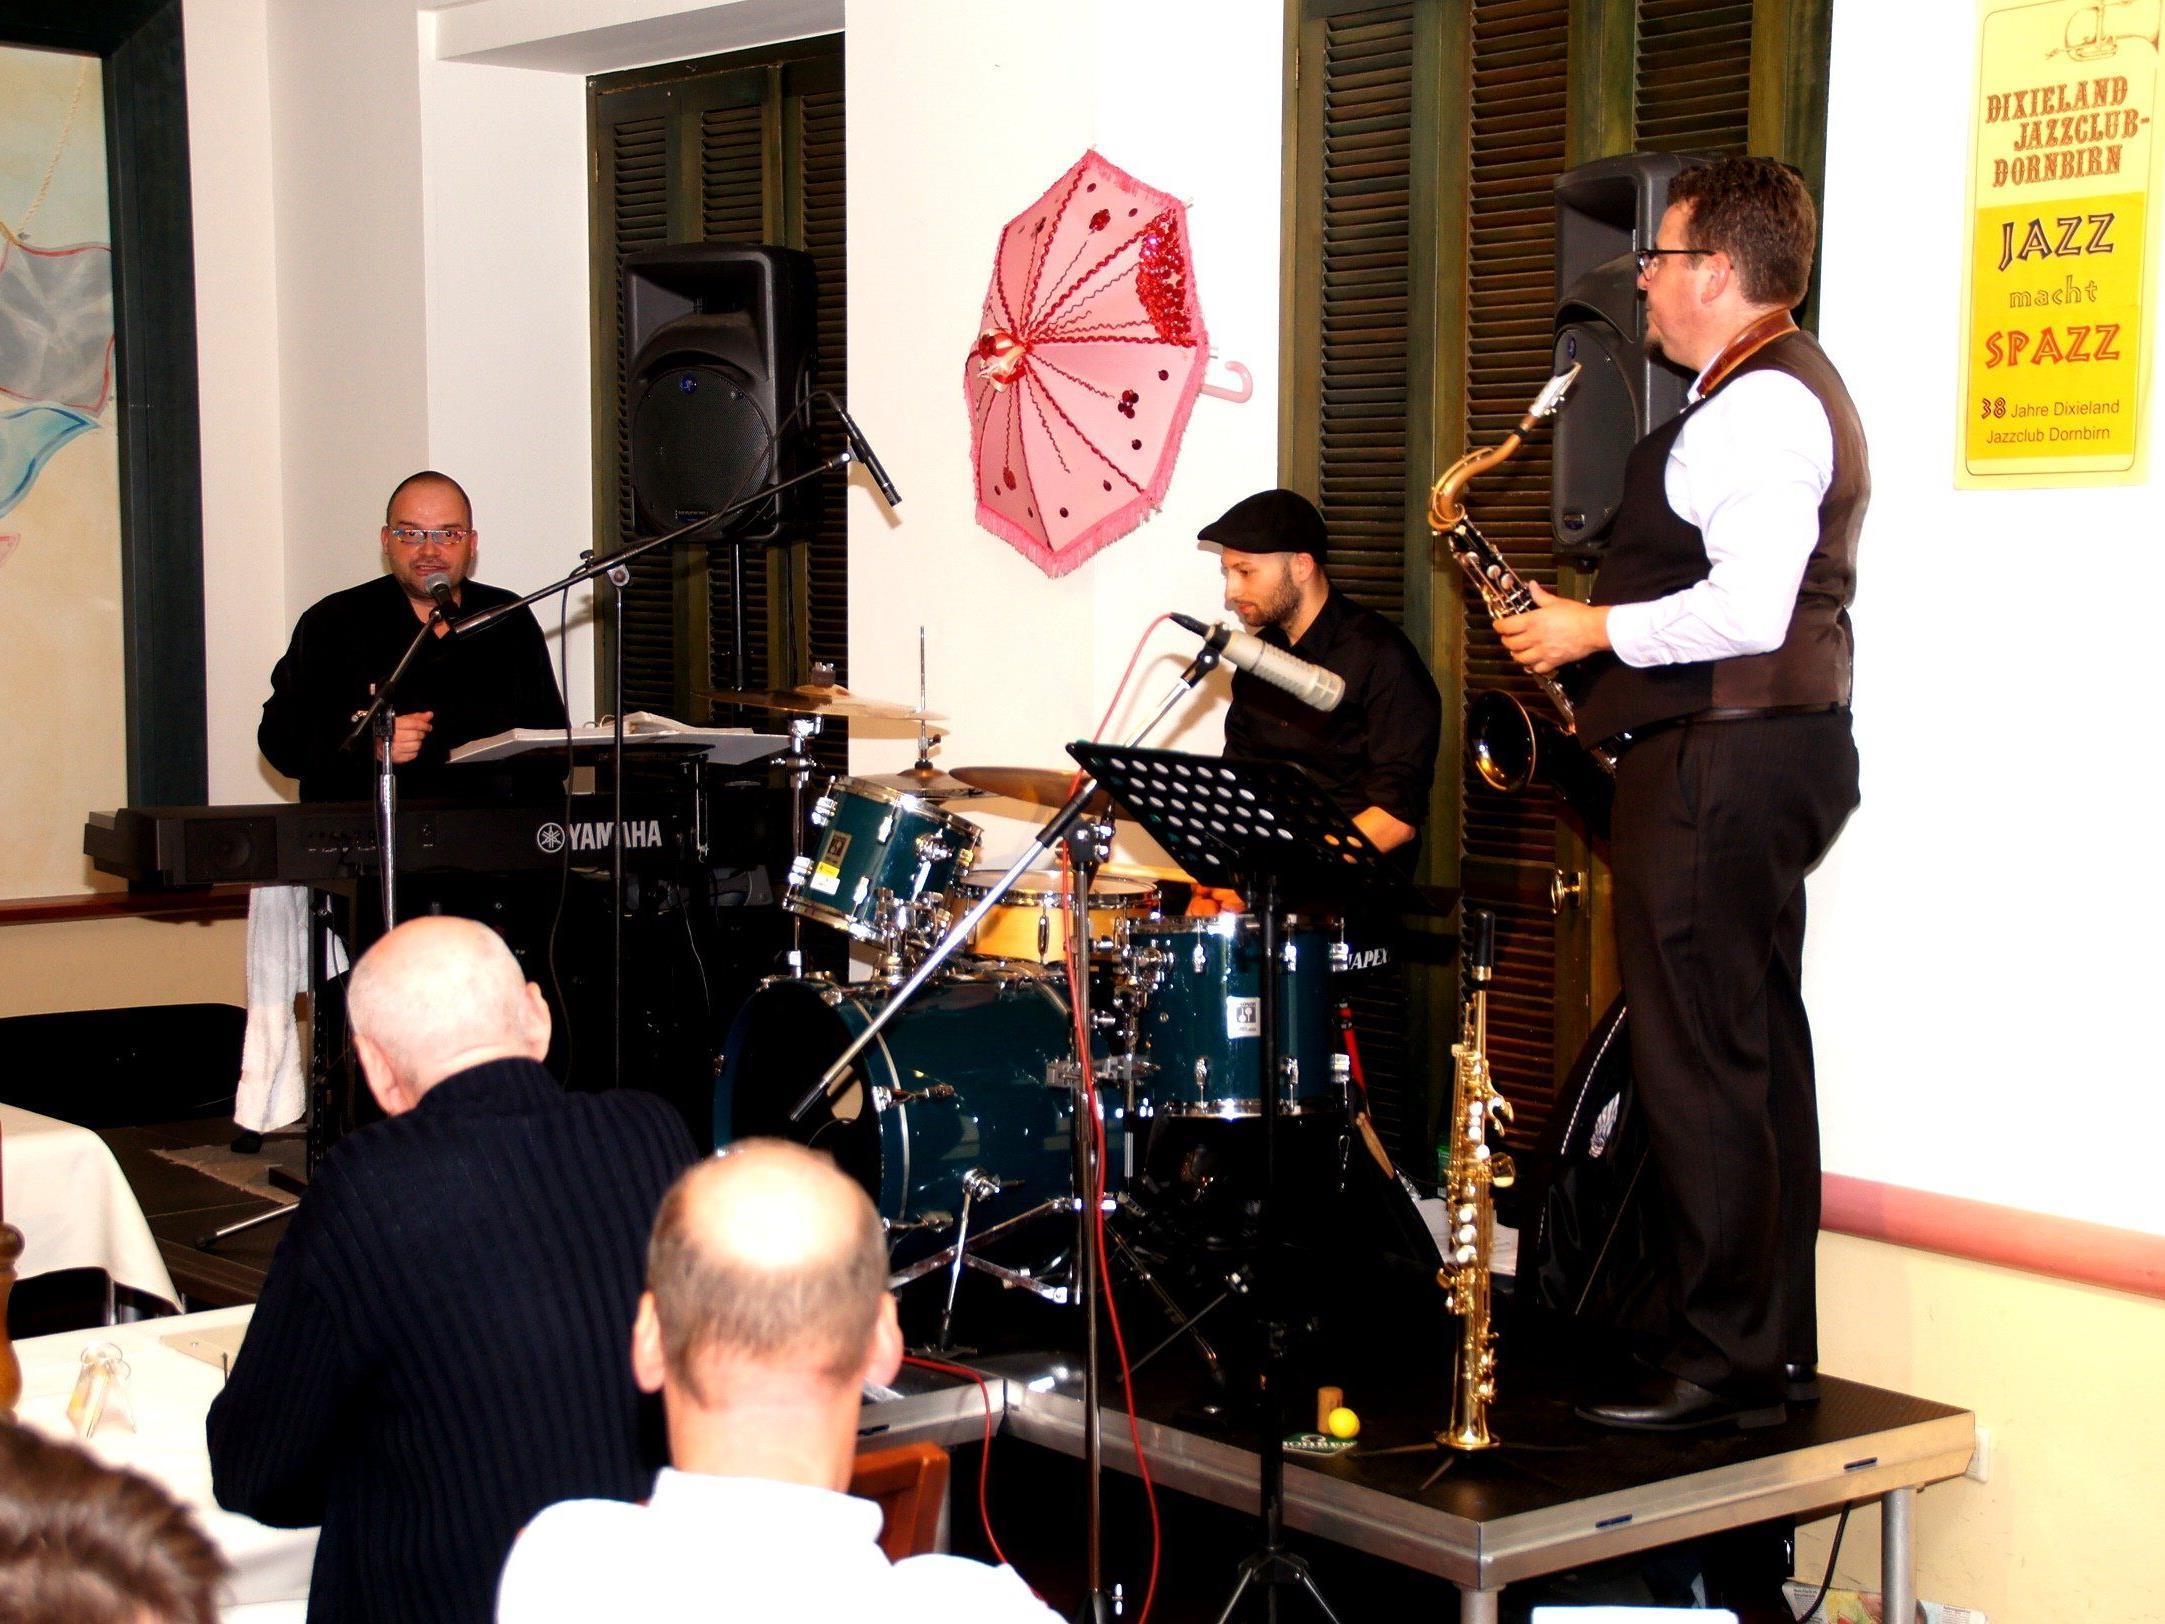 Thomas Stelzer Trio jazzte im Piazza